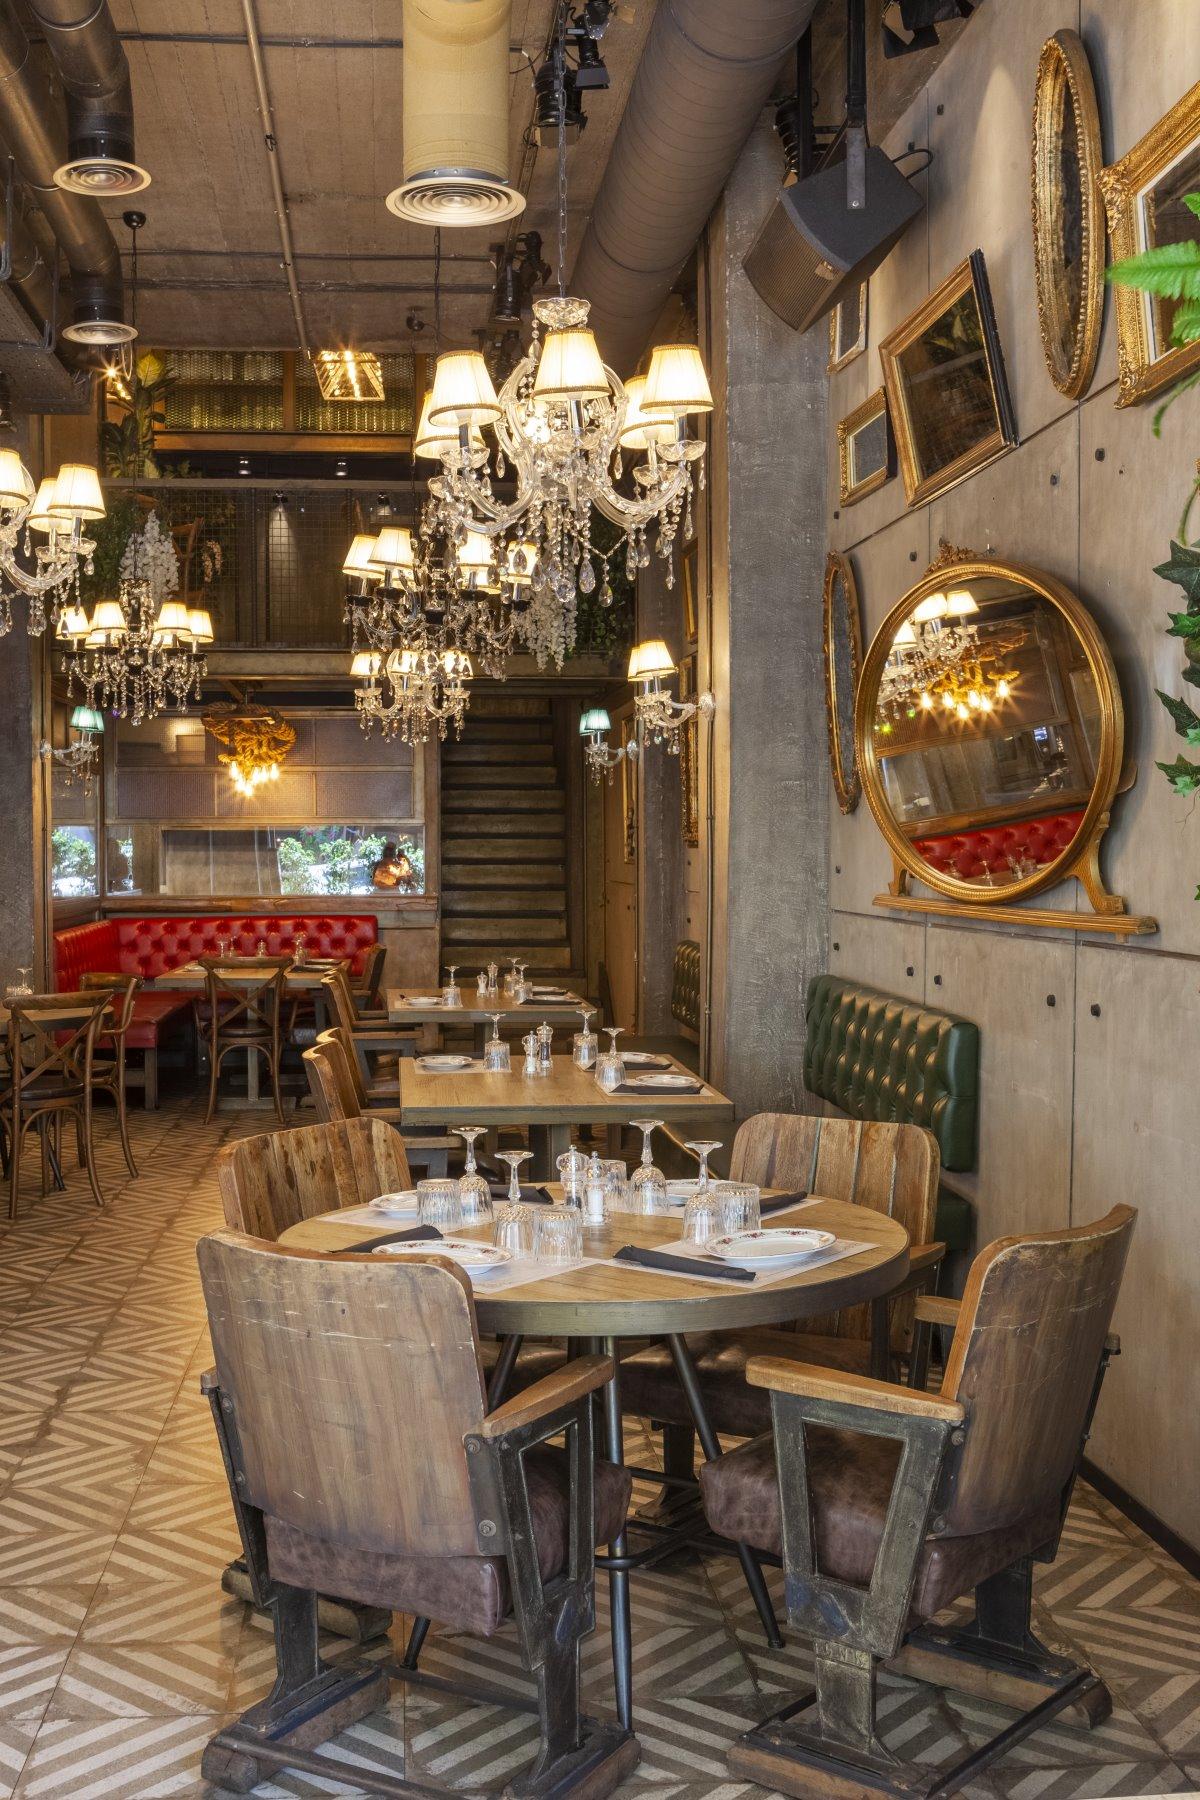 Το interior design του ιταλικού εστιατορίου Italida στον Πειραιά